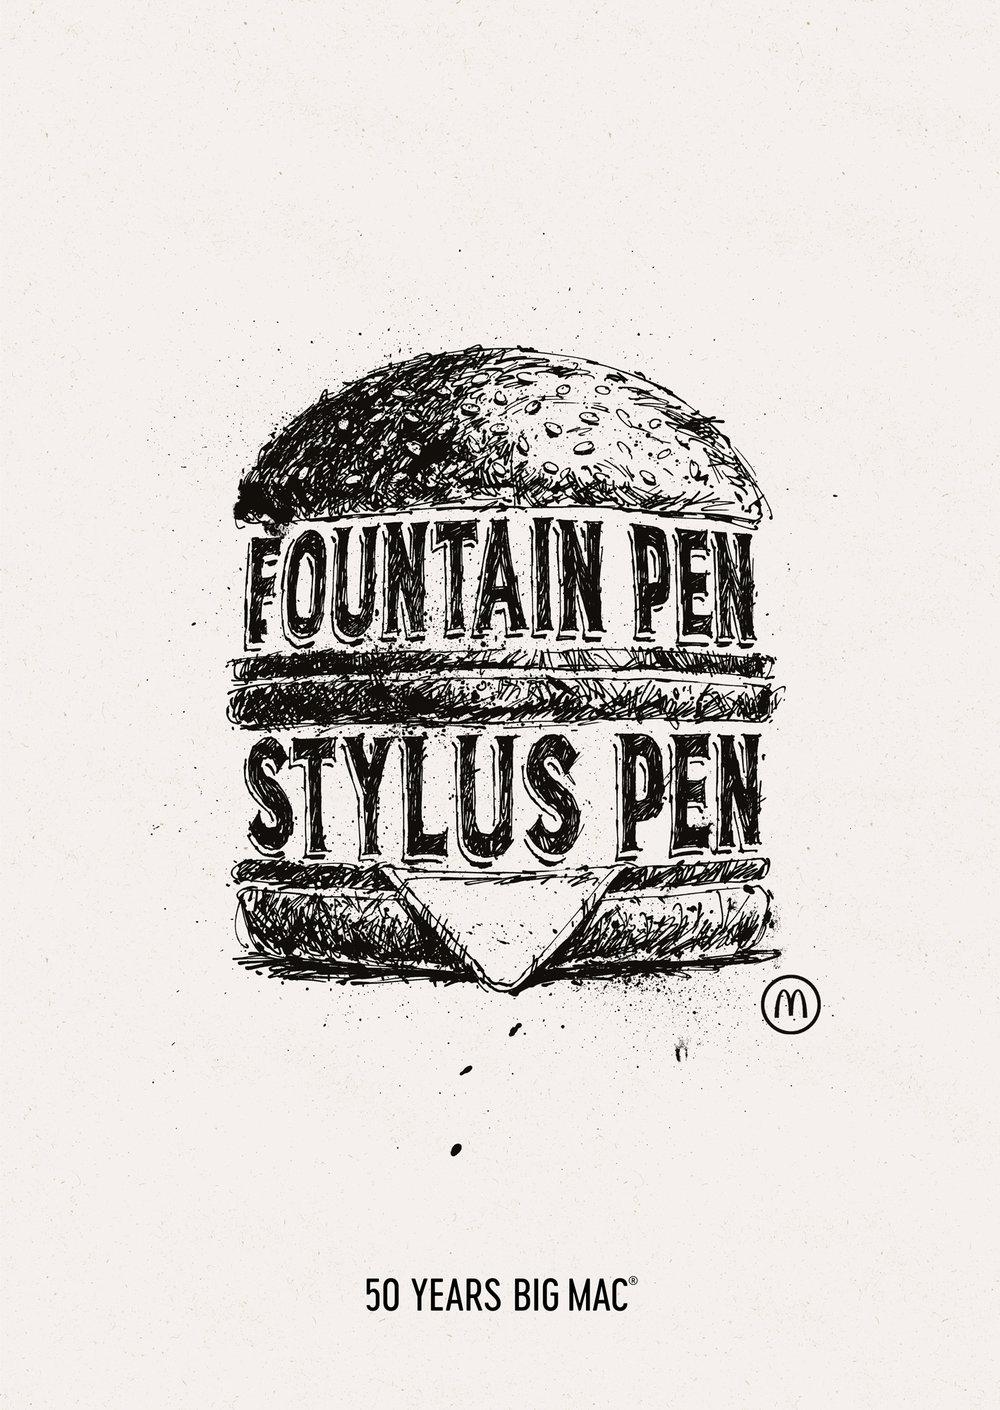 34_FountainPen_StylusPen.jpg